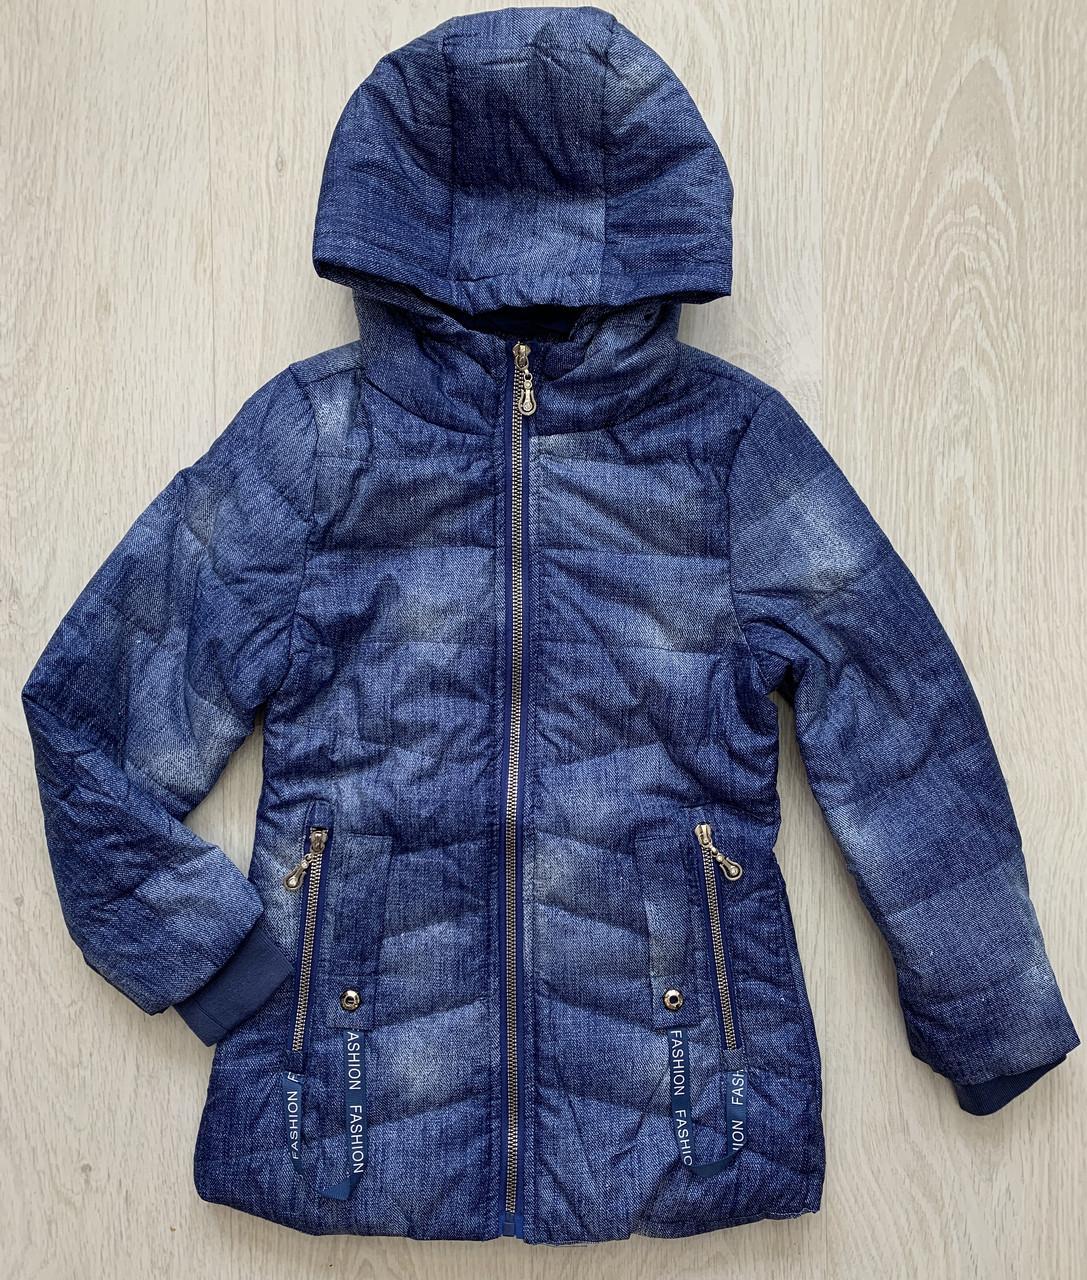 Курточка для дівчинки, Угорщина,  S&D арт. 0075, рр 122-152 см